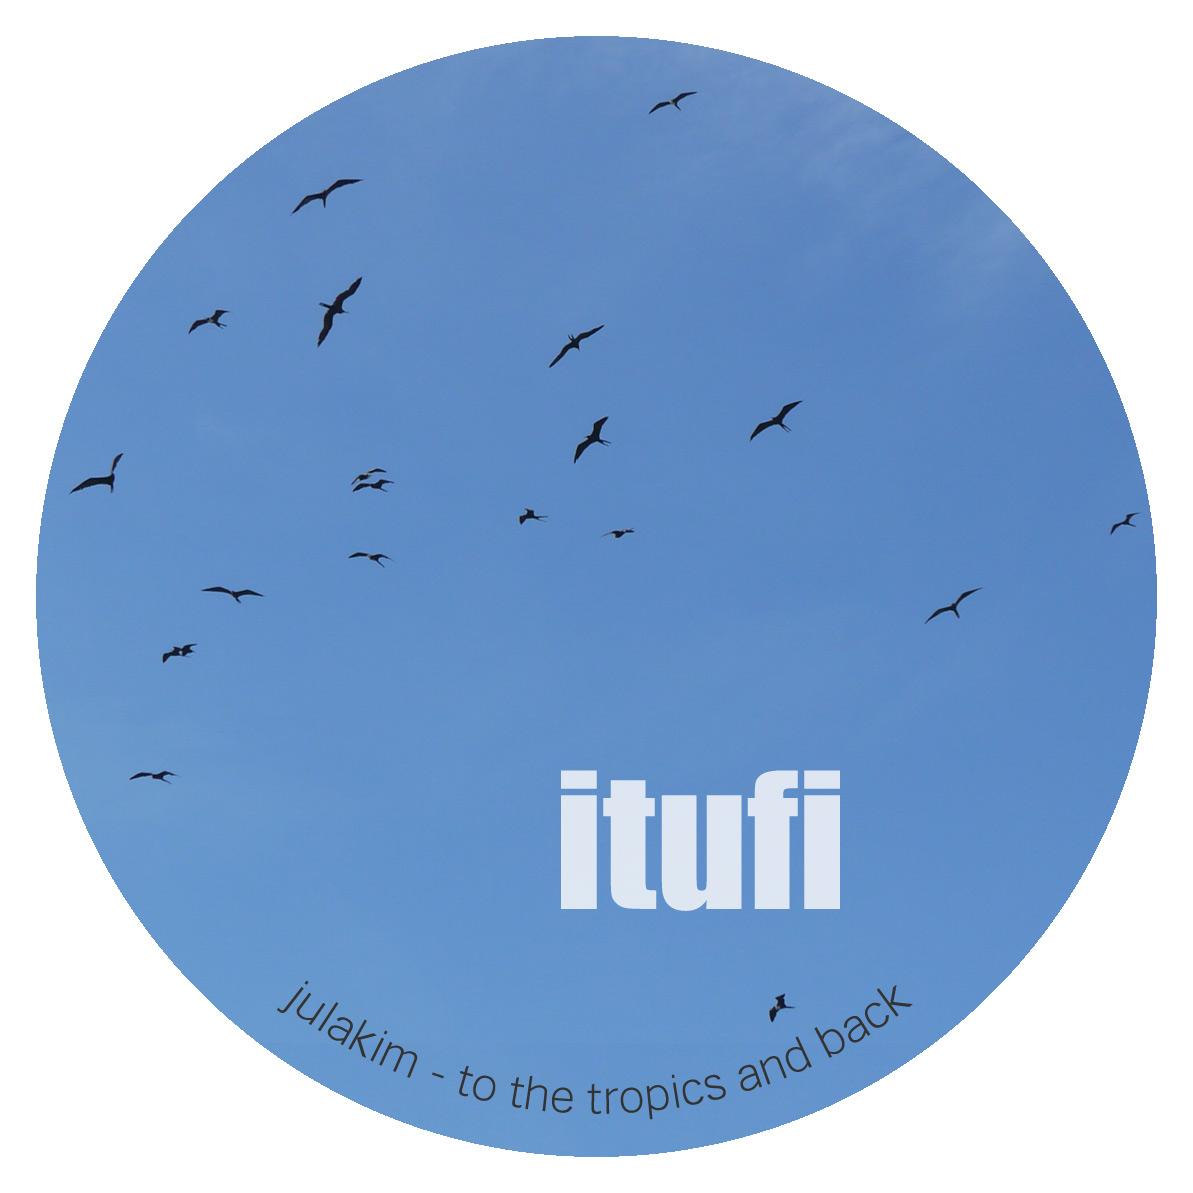 CD itufi - ot the tropics and back